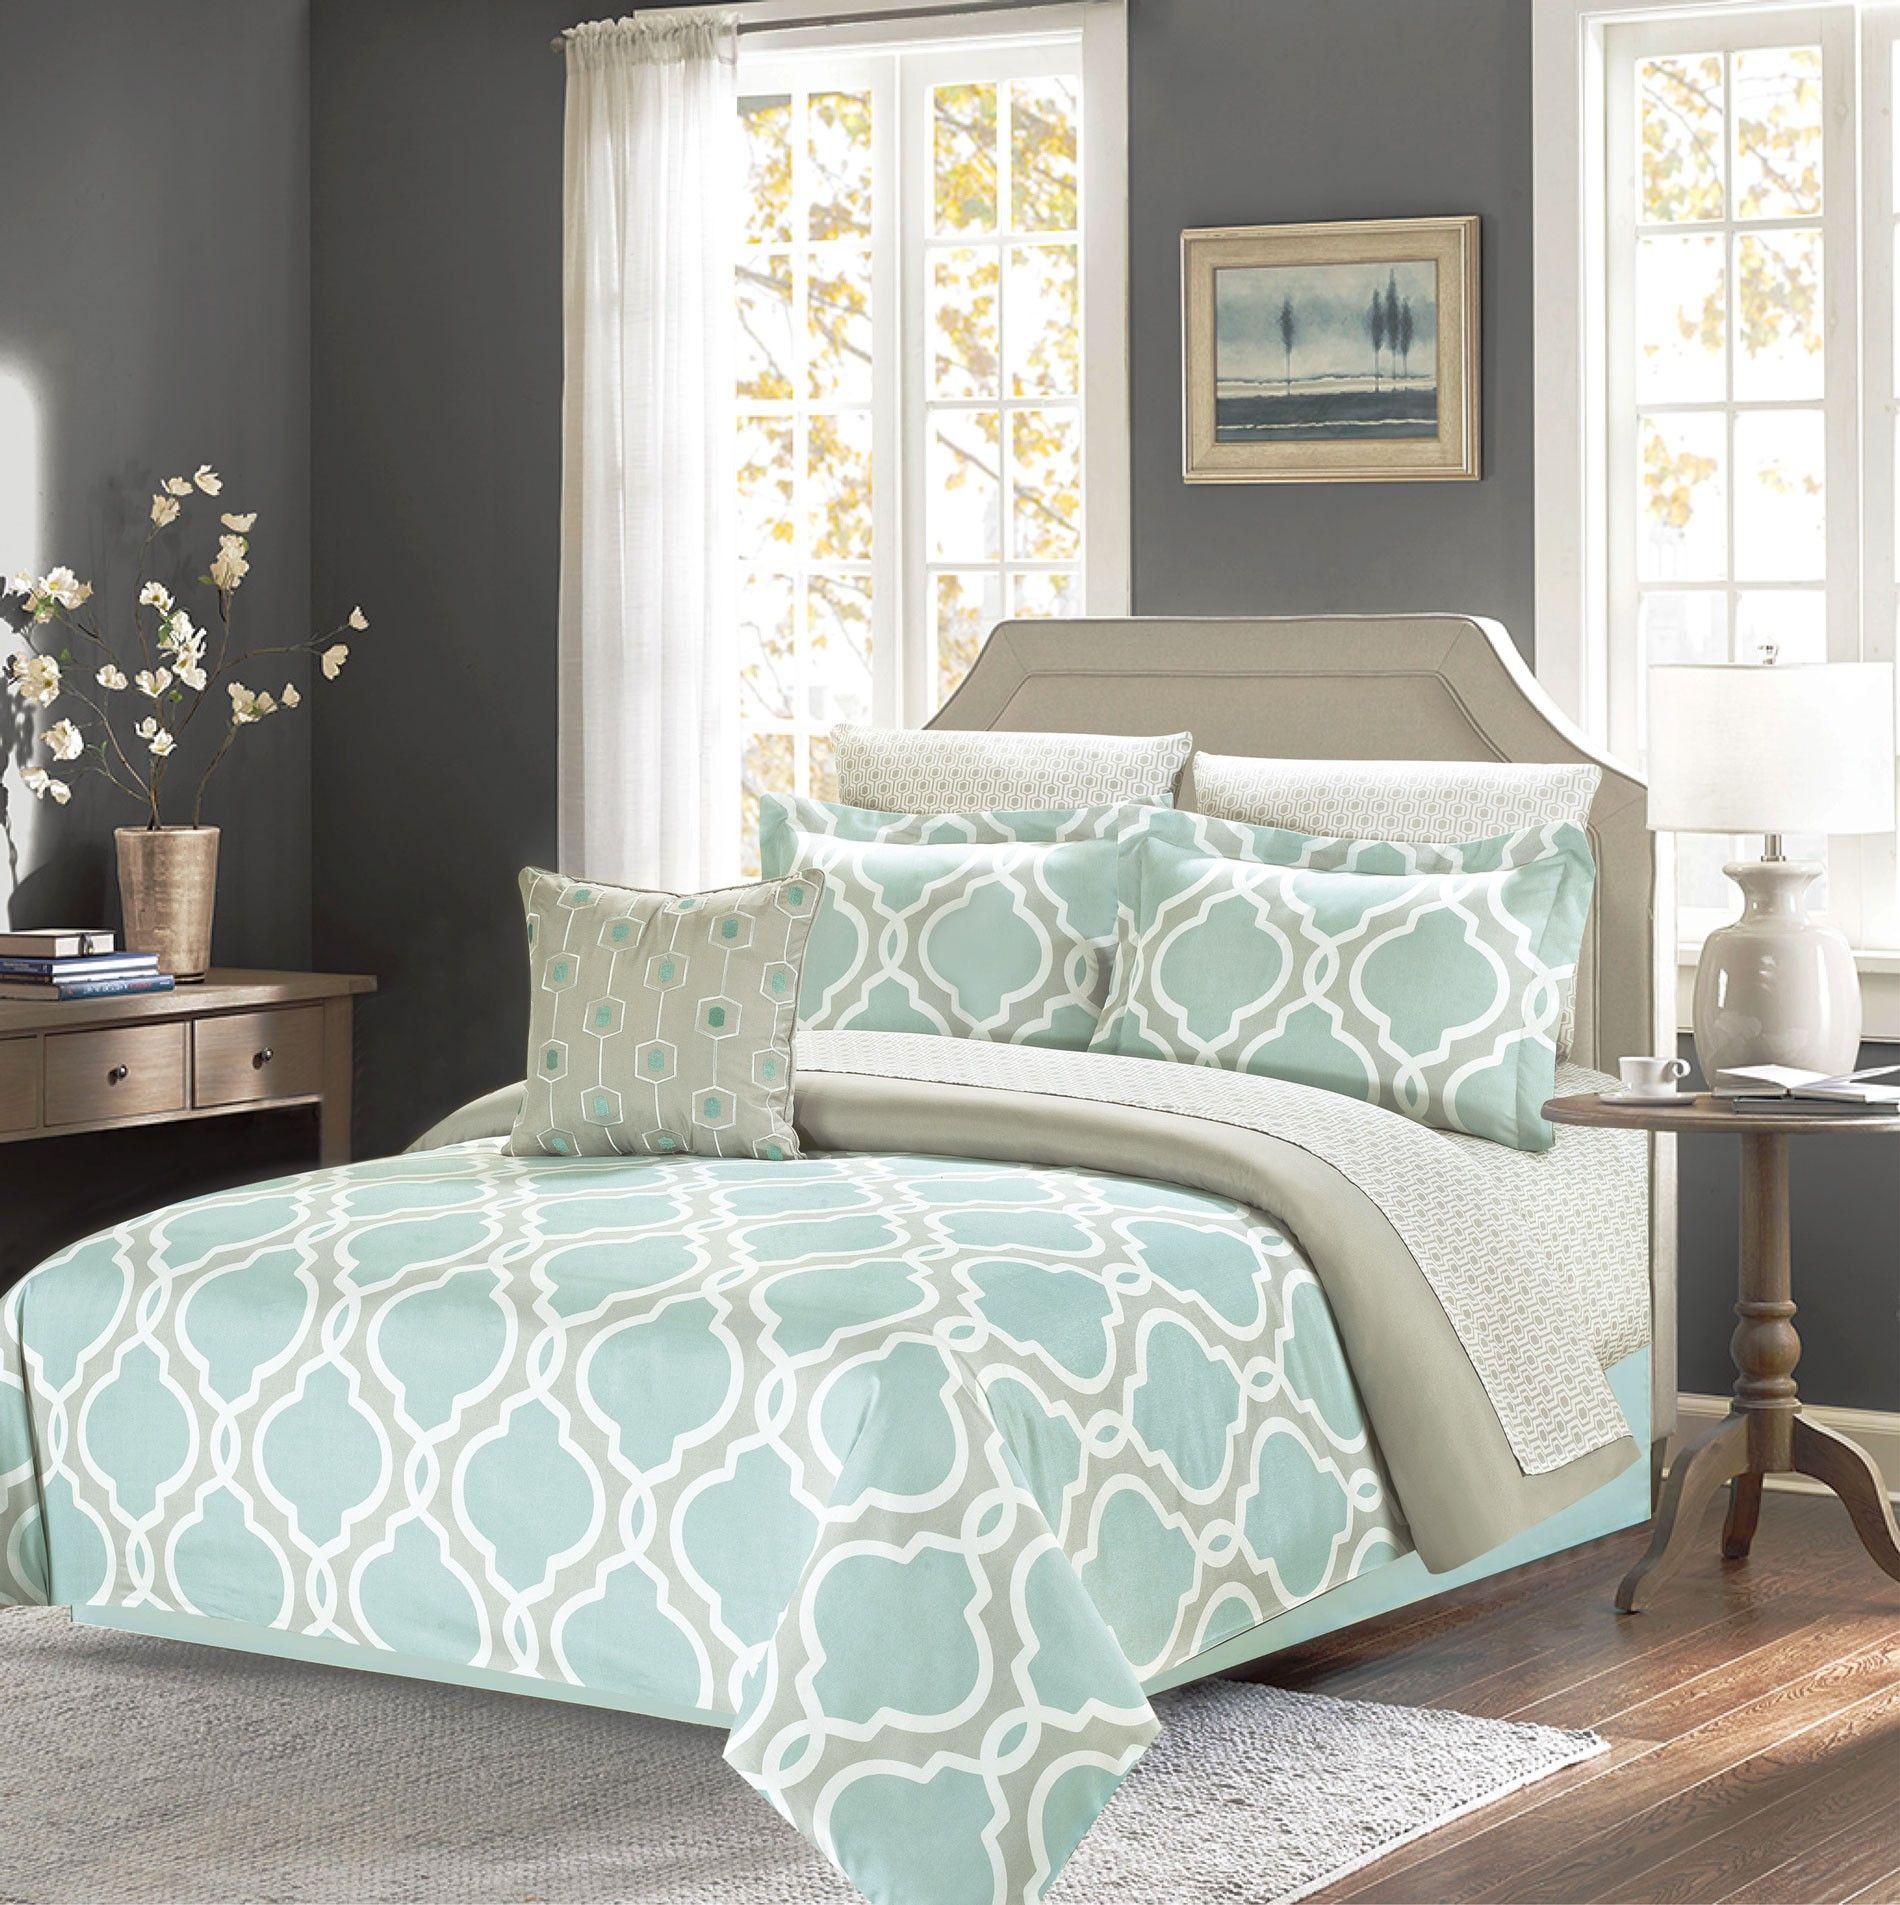 Best Crest Home Ellen Westbury Queen Comforter Bedding Set With 640 x 480